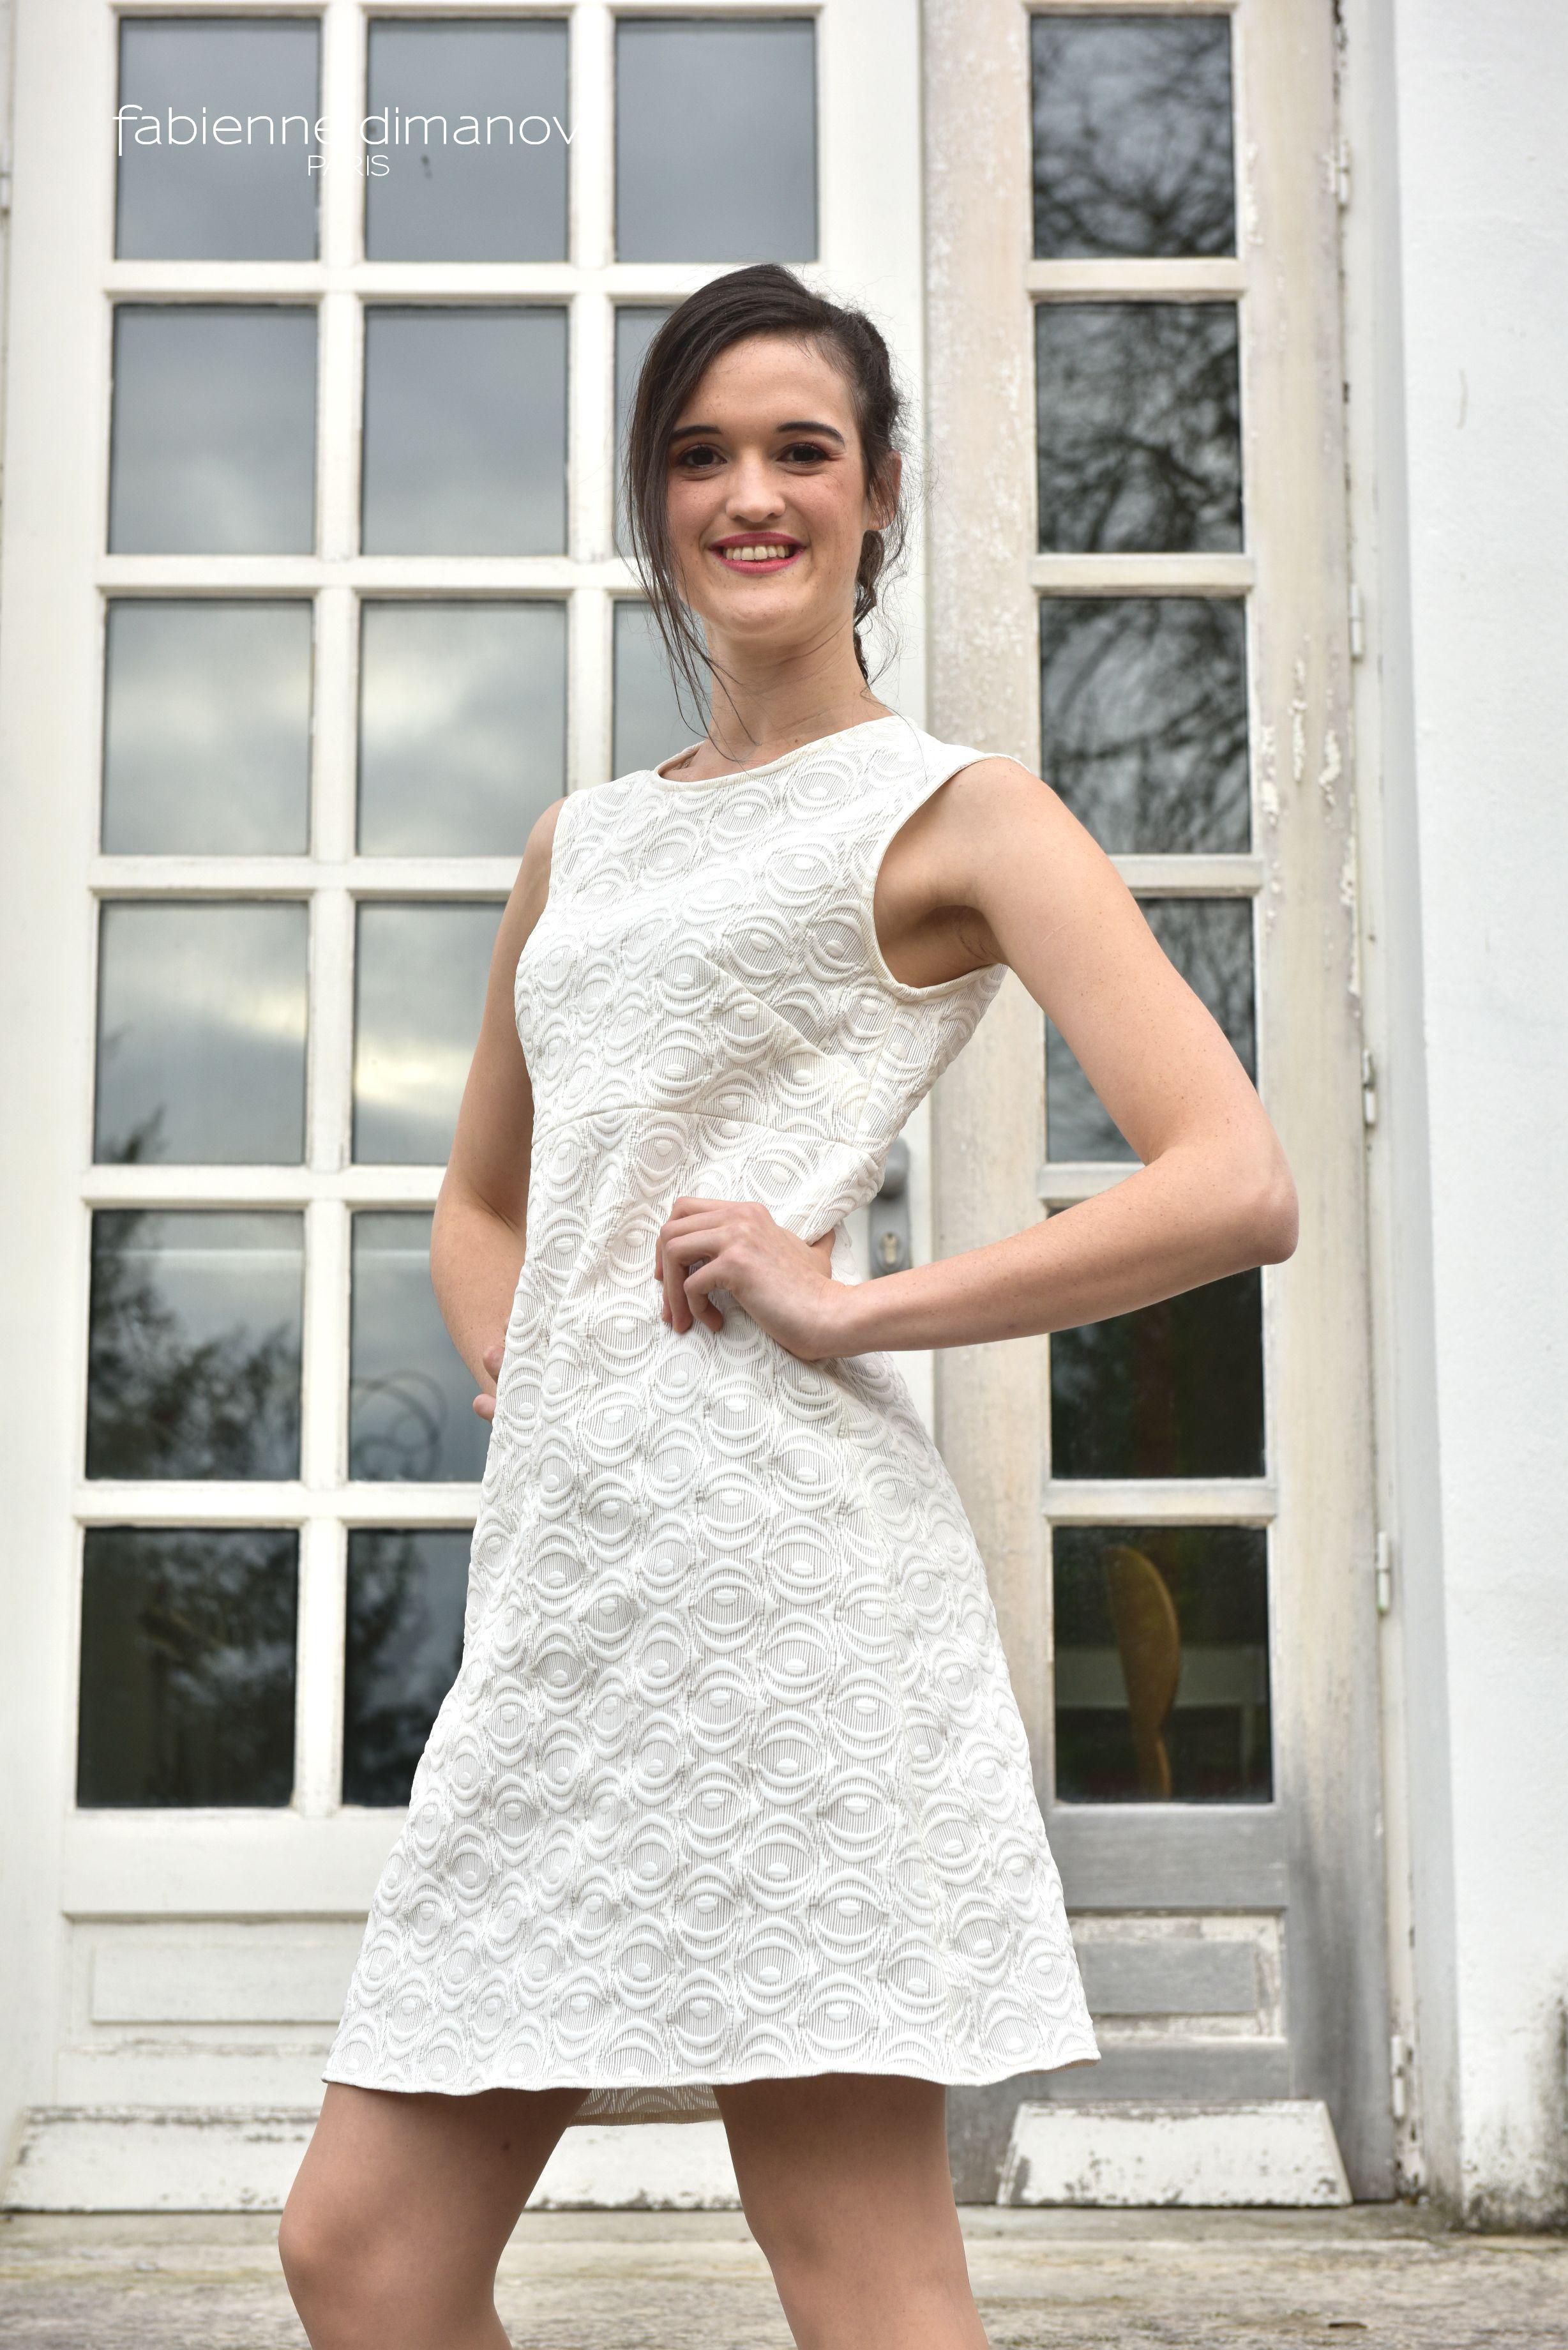 5394dc95619 La petite robe trapèze Miss fab personnalisable - nouveau modèle 2018  signée Fabienne Dimanov Paris